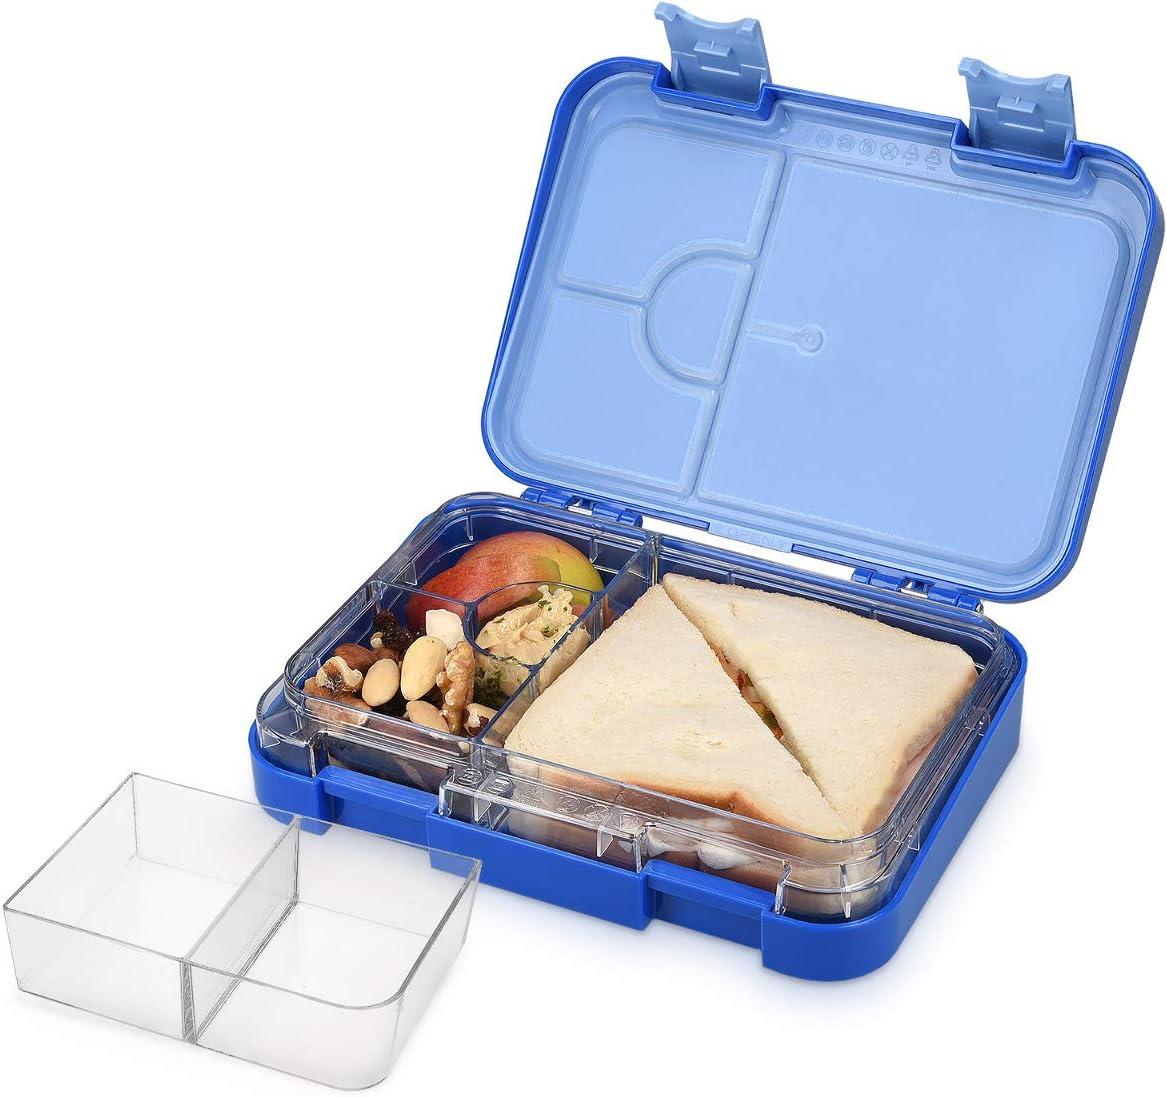 Navaris Bento Box Lunch Box Brotdose Vesperbox – auslaufsicher mit variablen Fächern – herausnehmbare Innenschale – für Jungs und Mädchen – violett